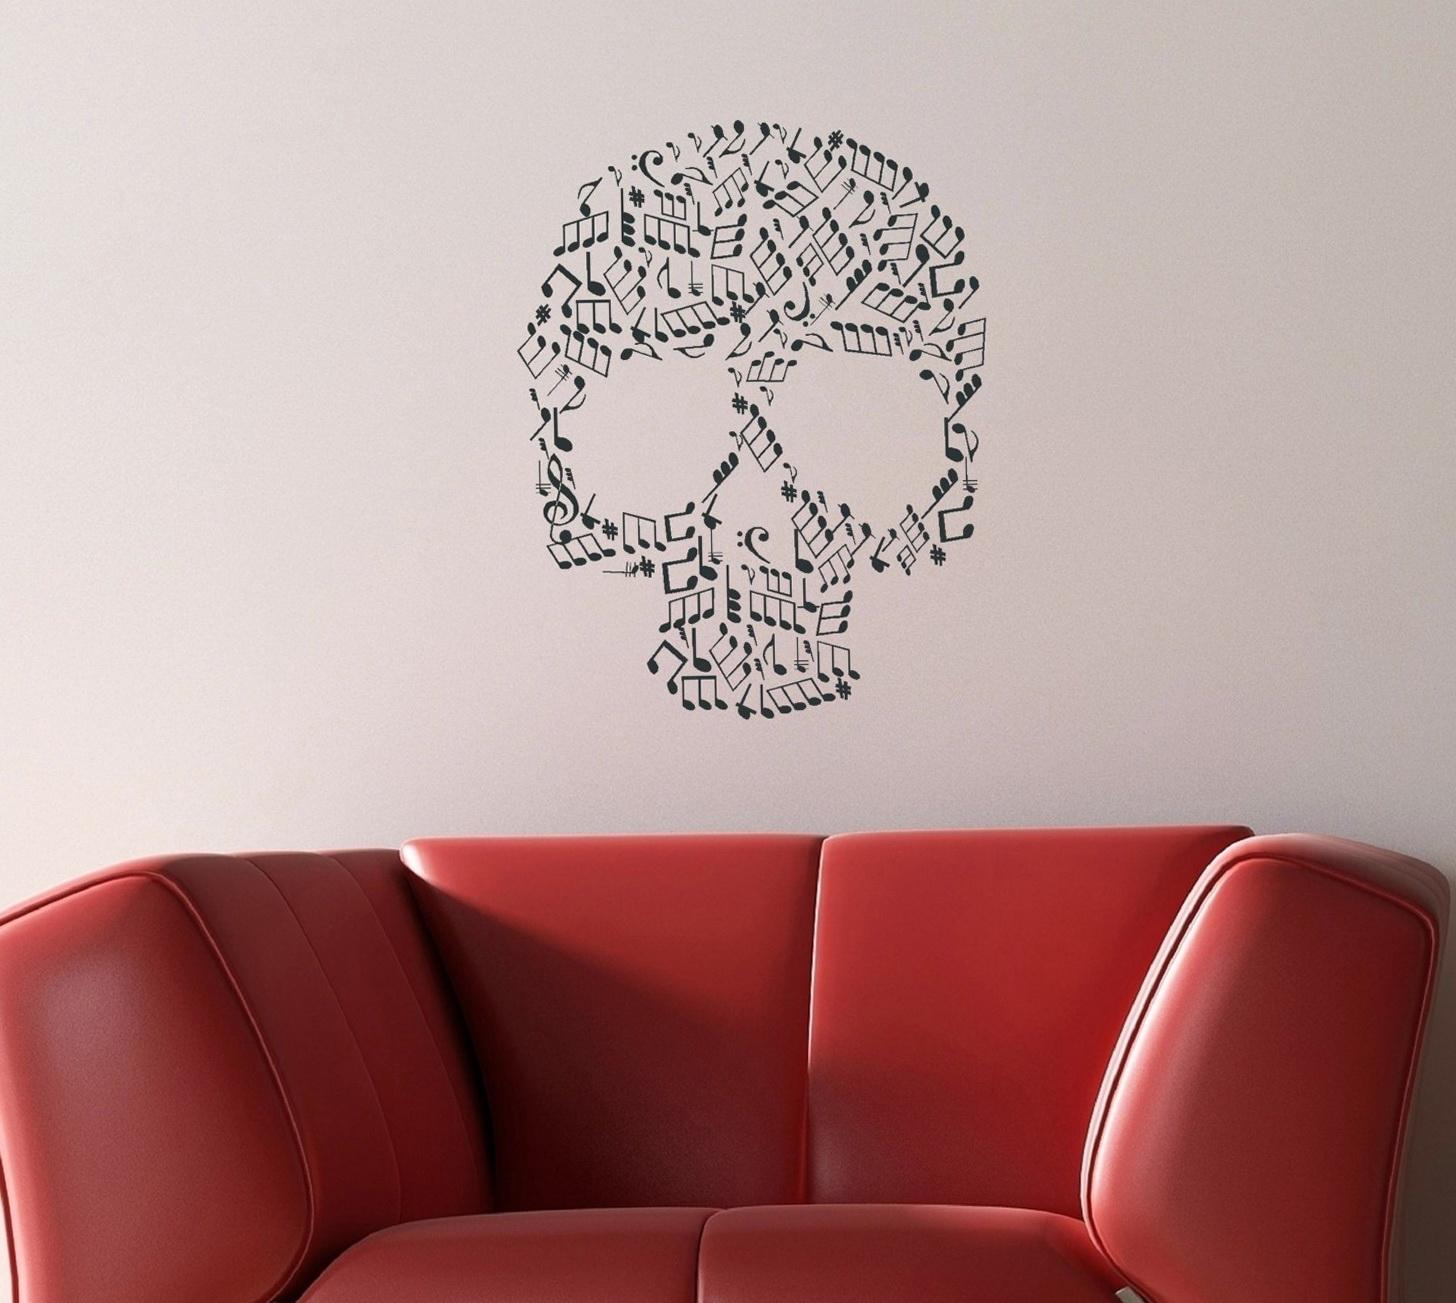 Custom Wall Art Stickers